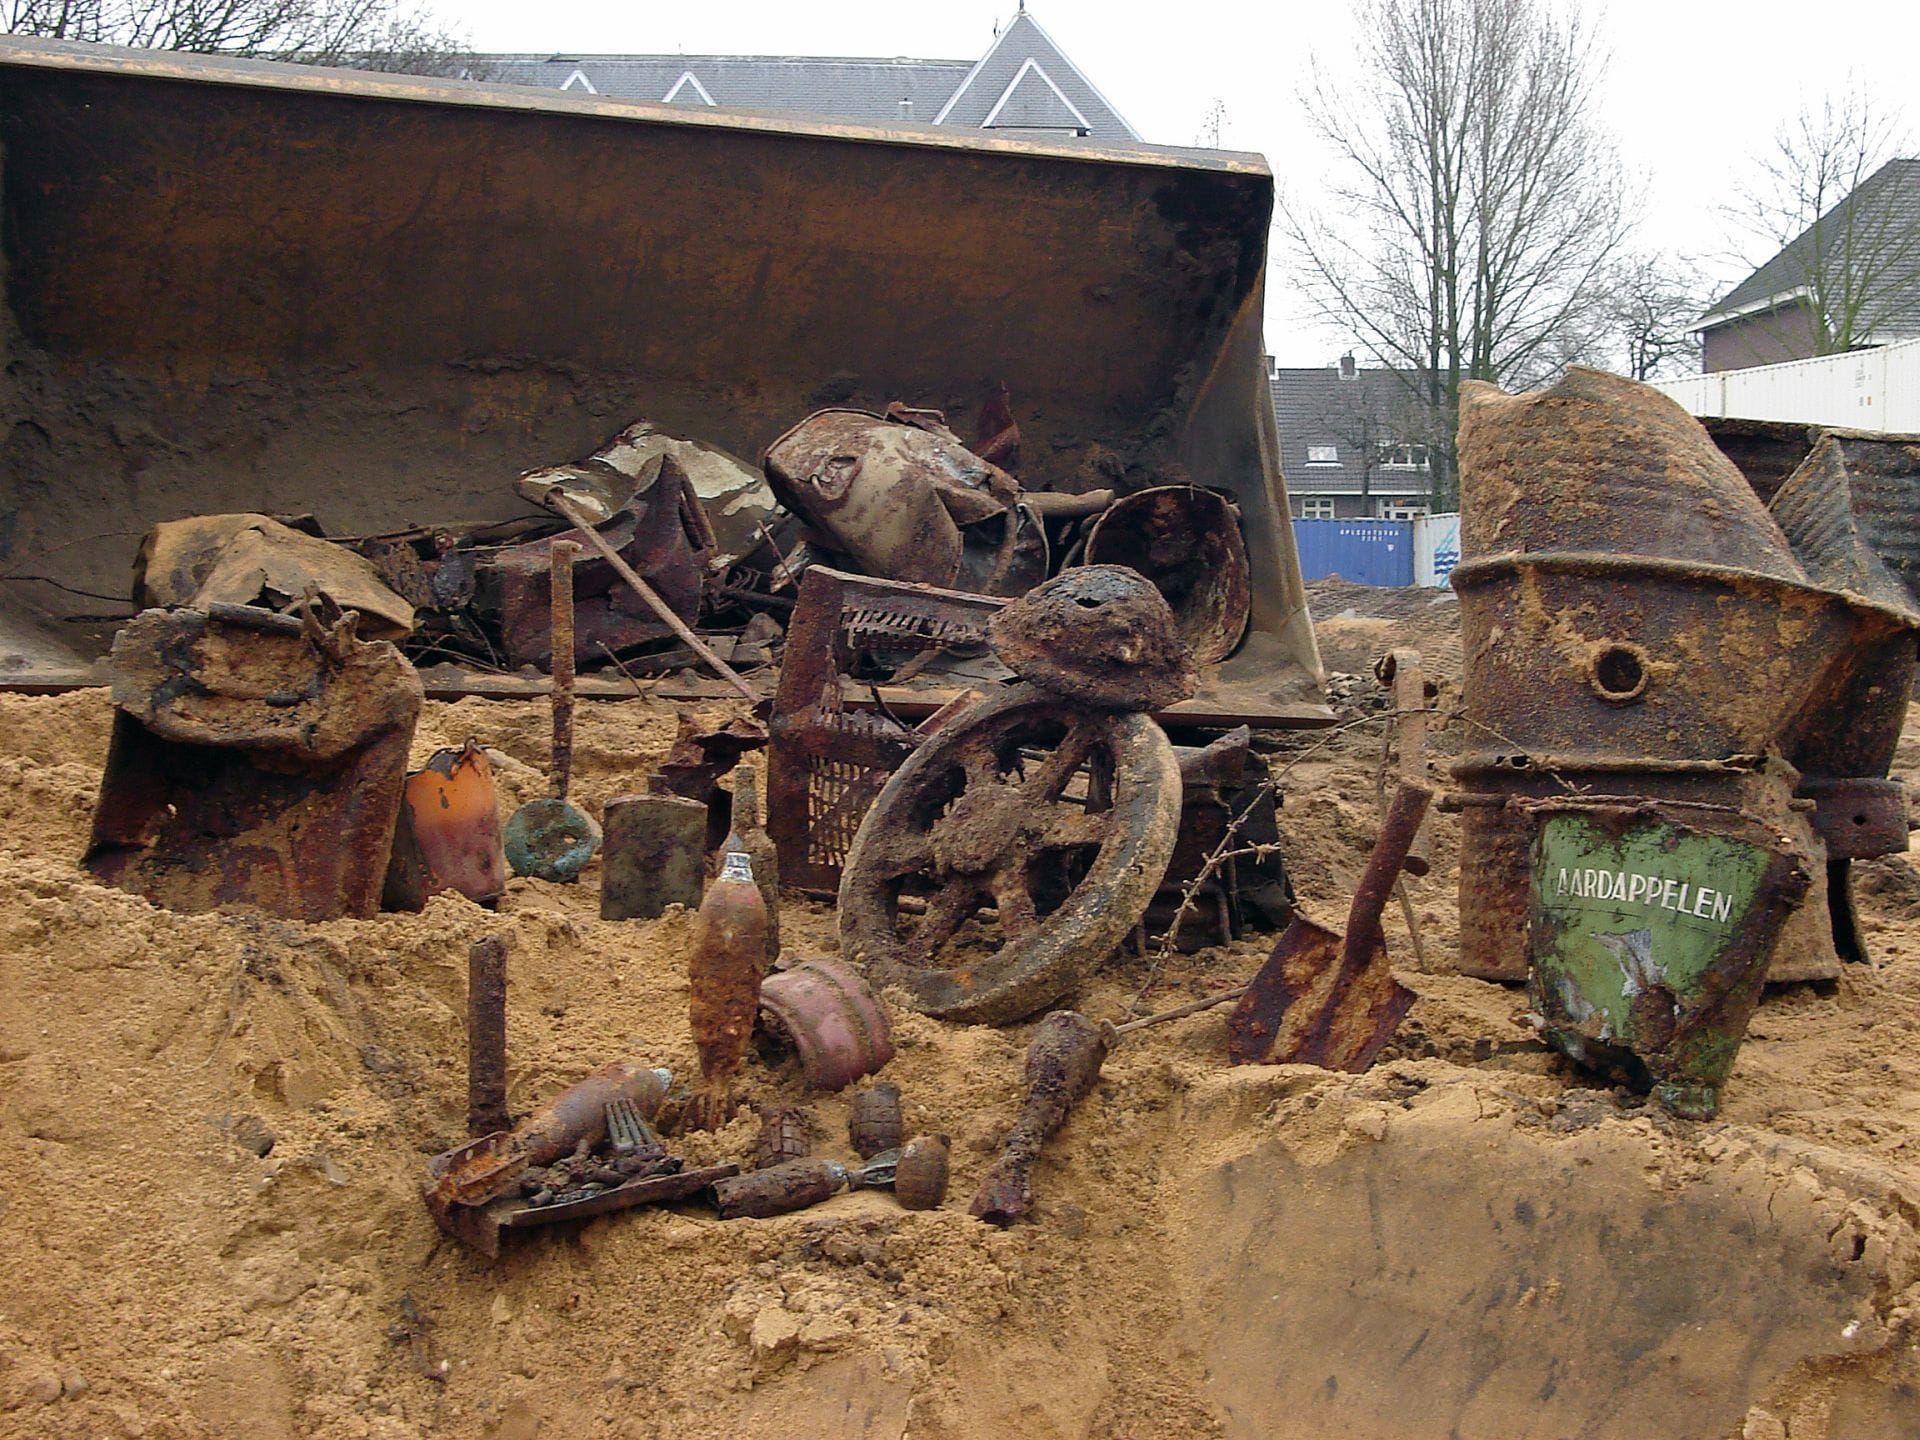 archeologie conventionele explosieven samenwerking avg archol